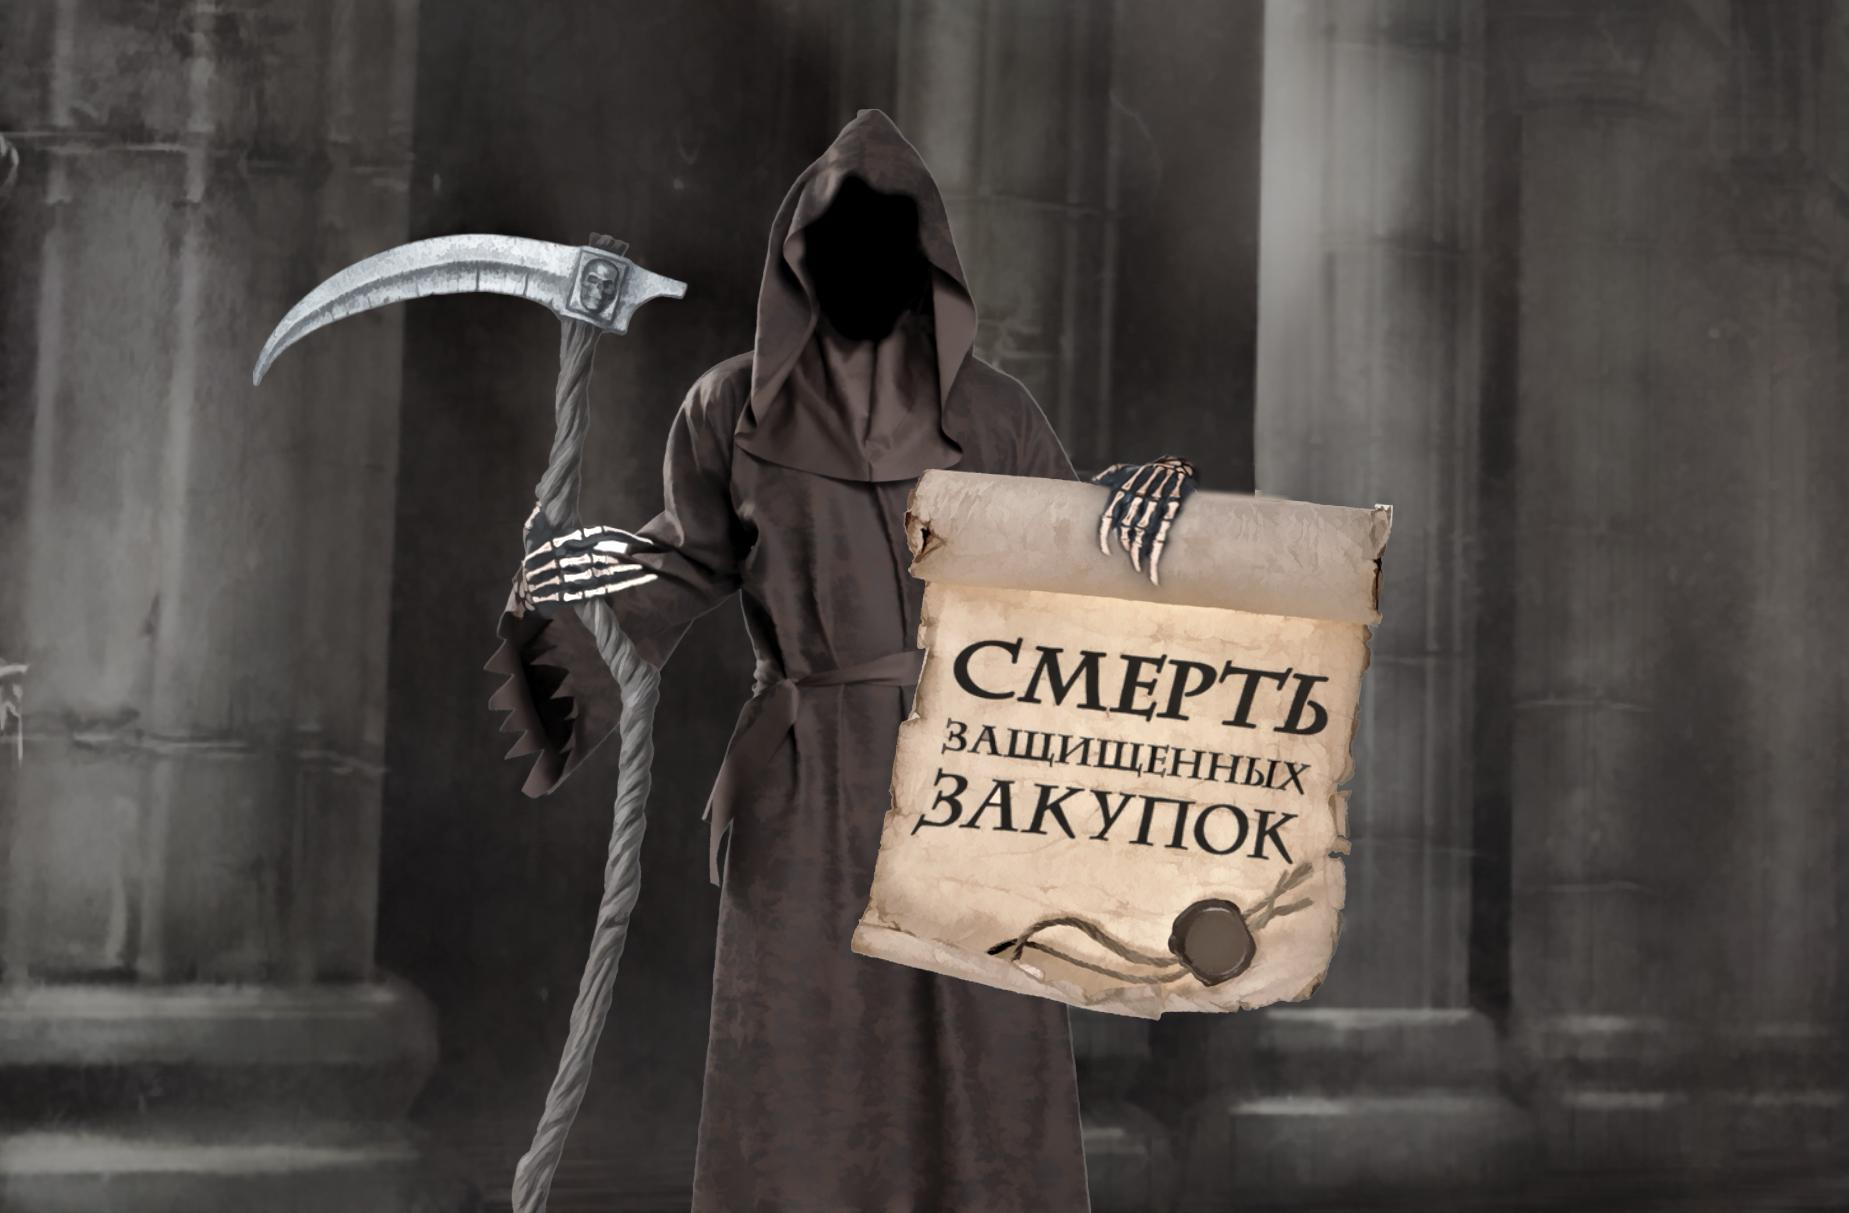 Смерть защищённых закупок